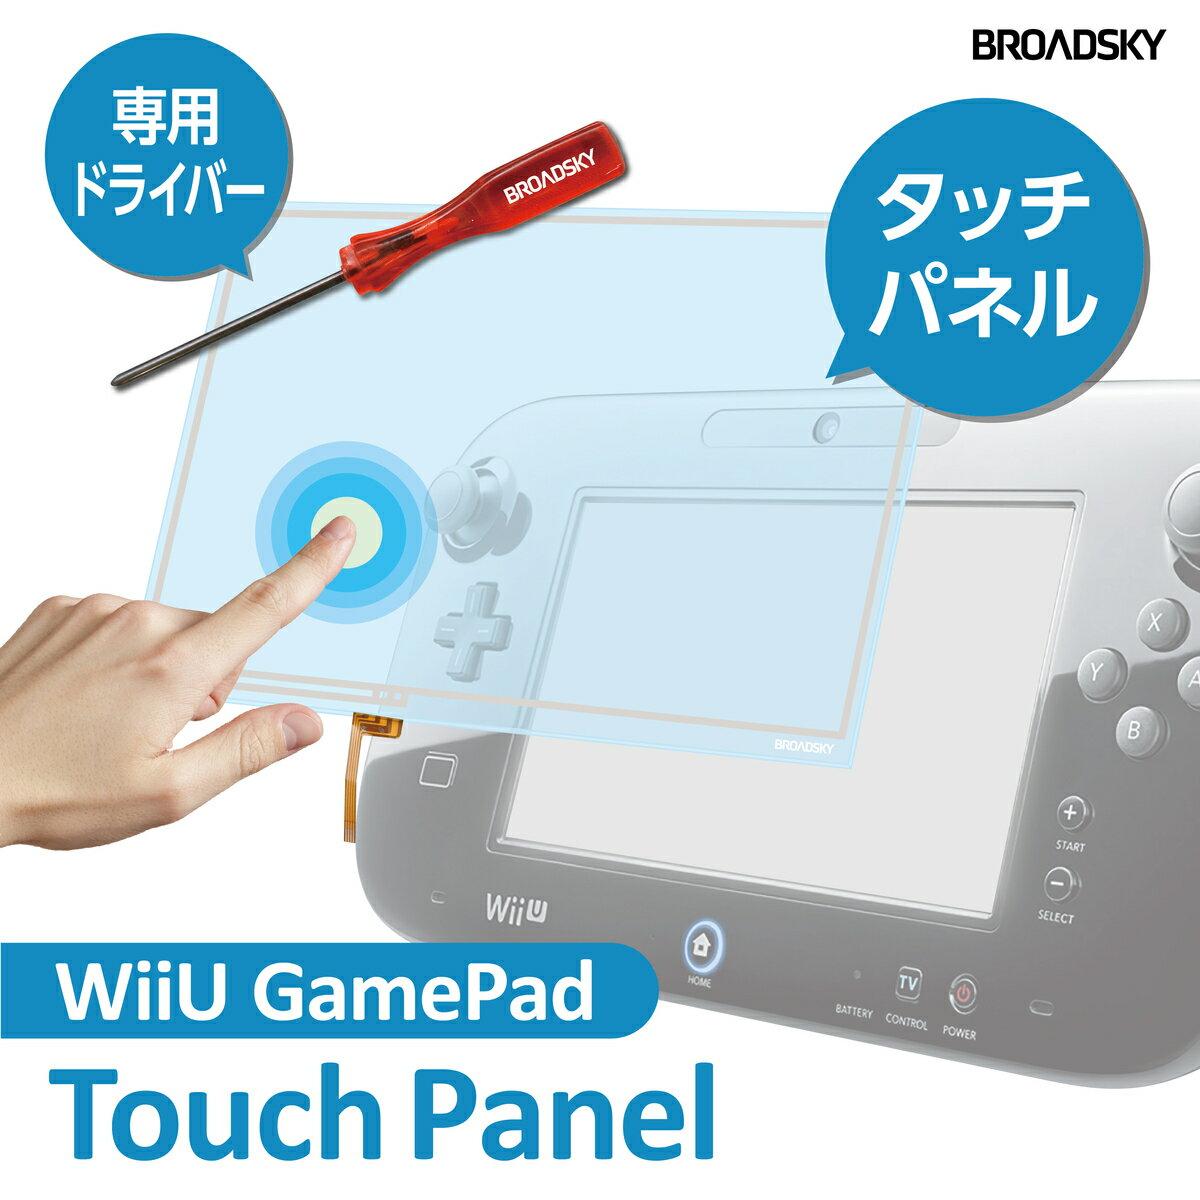 WiiU Game Pad タッチパネル交換修理キット(専用ドライバー付属・製品保証付)